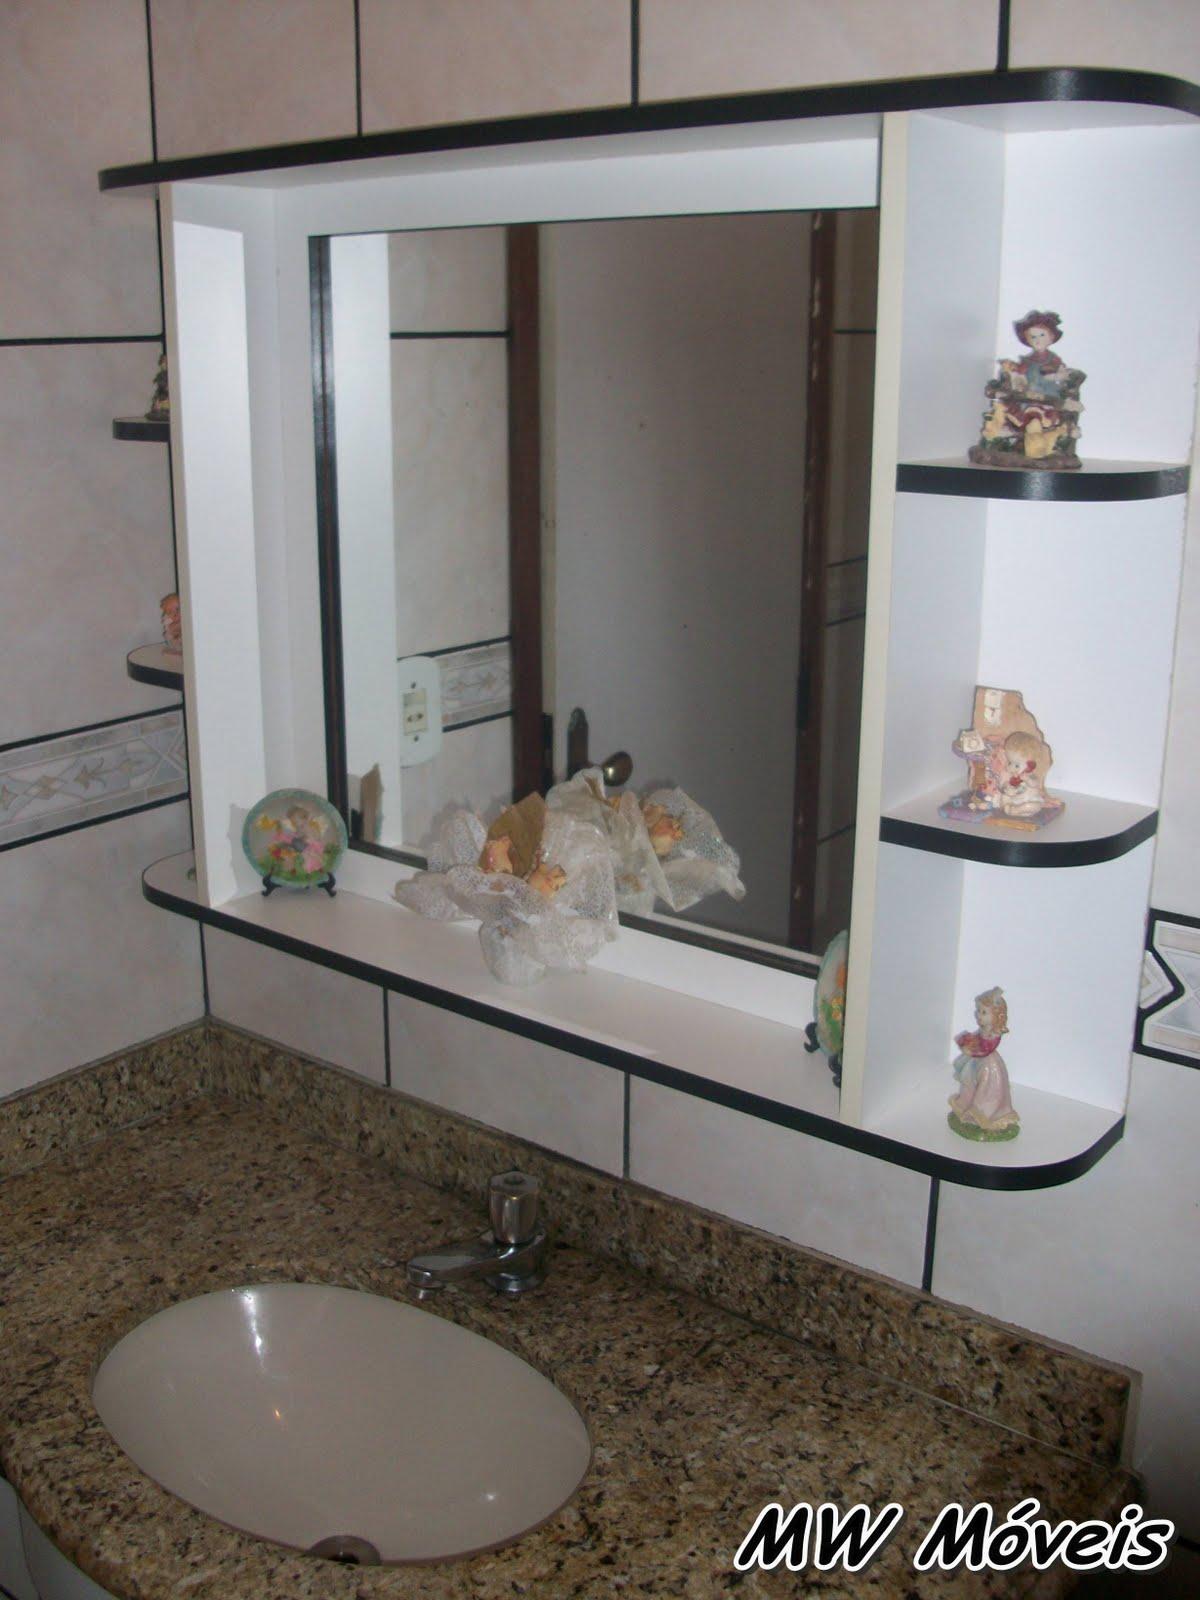 Pin Banheiros Planejados 4 Pelautscom on Pinterest -> Banheiros Planejados New